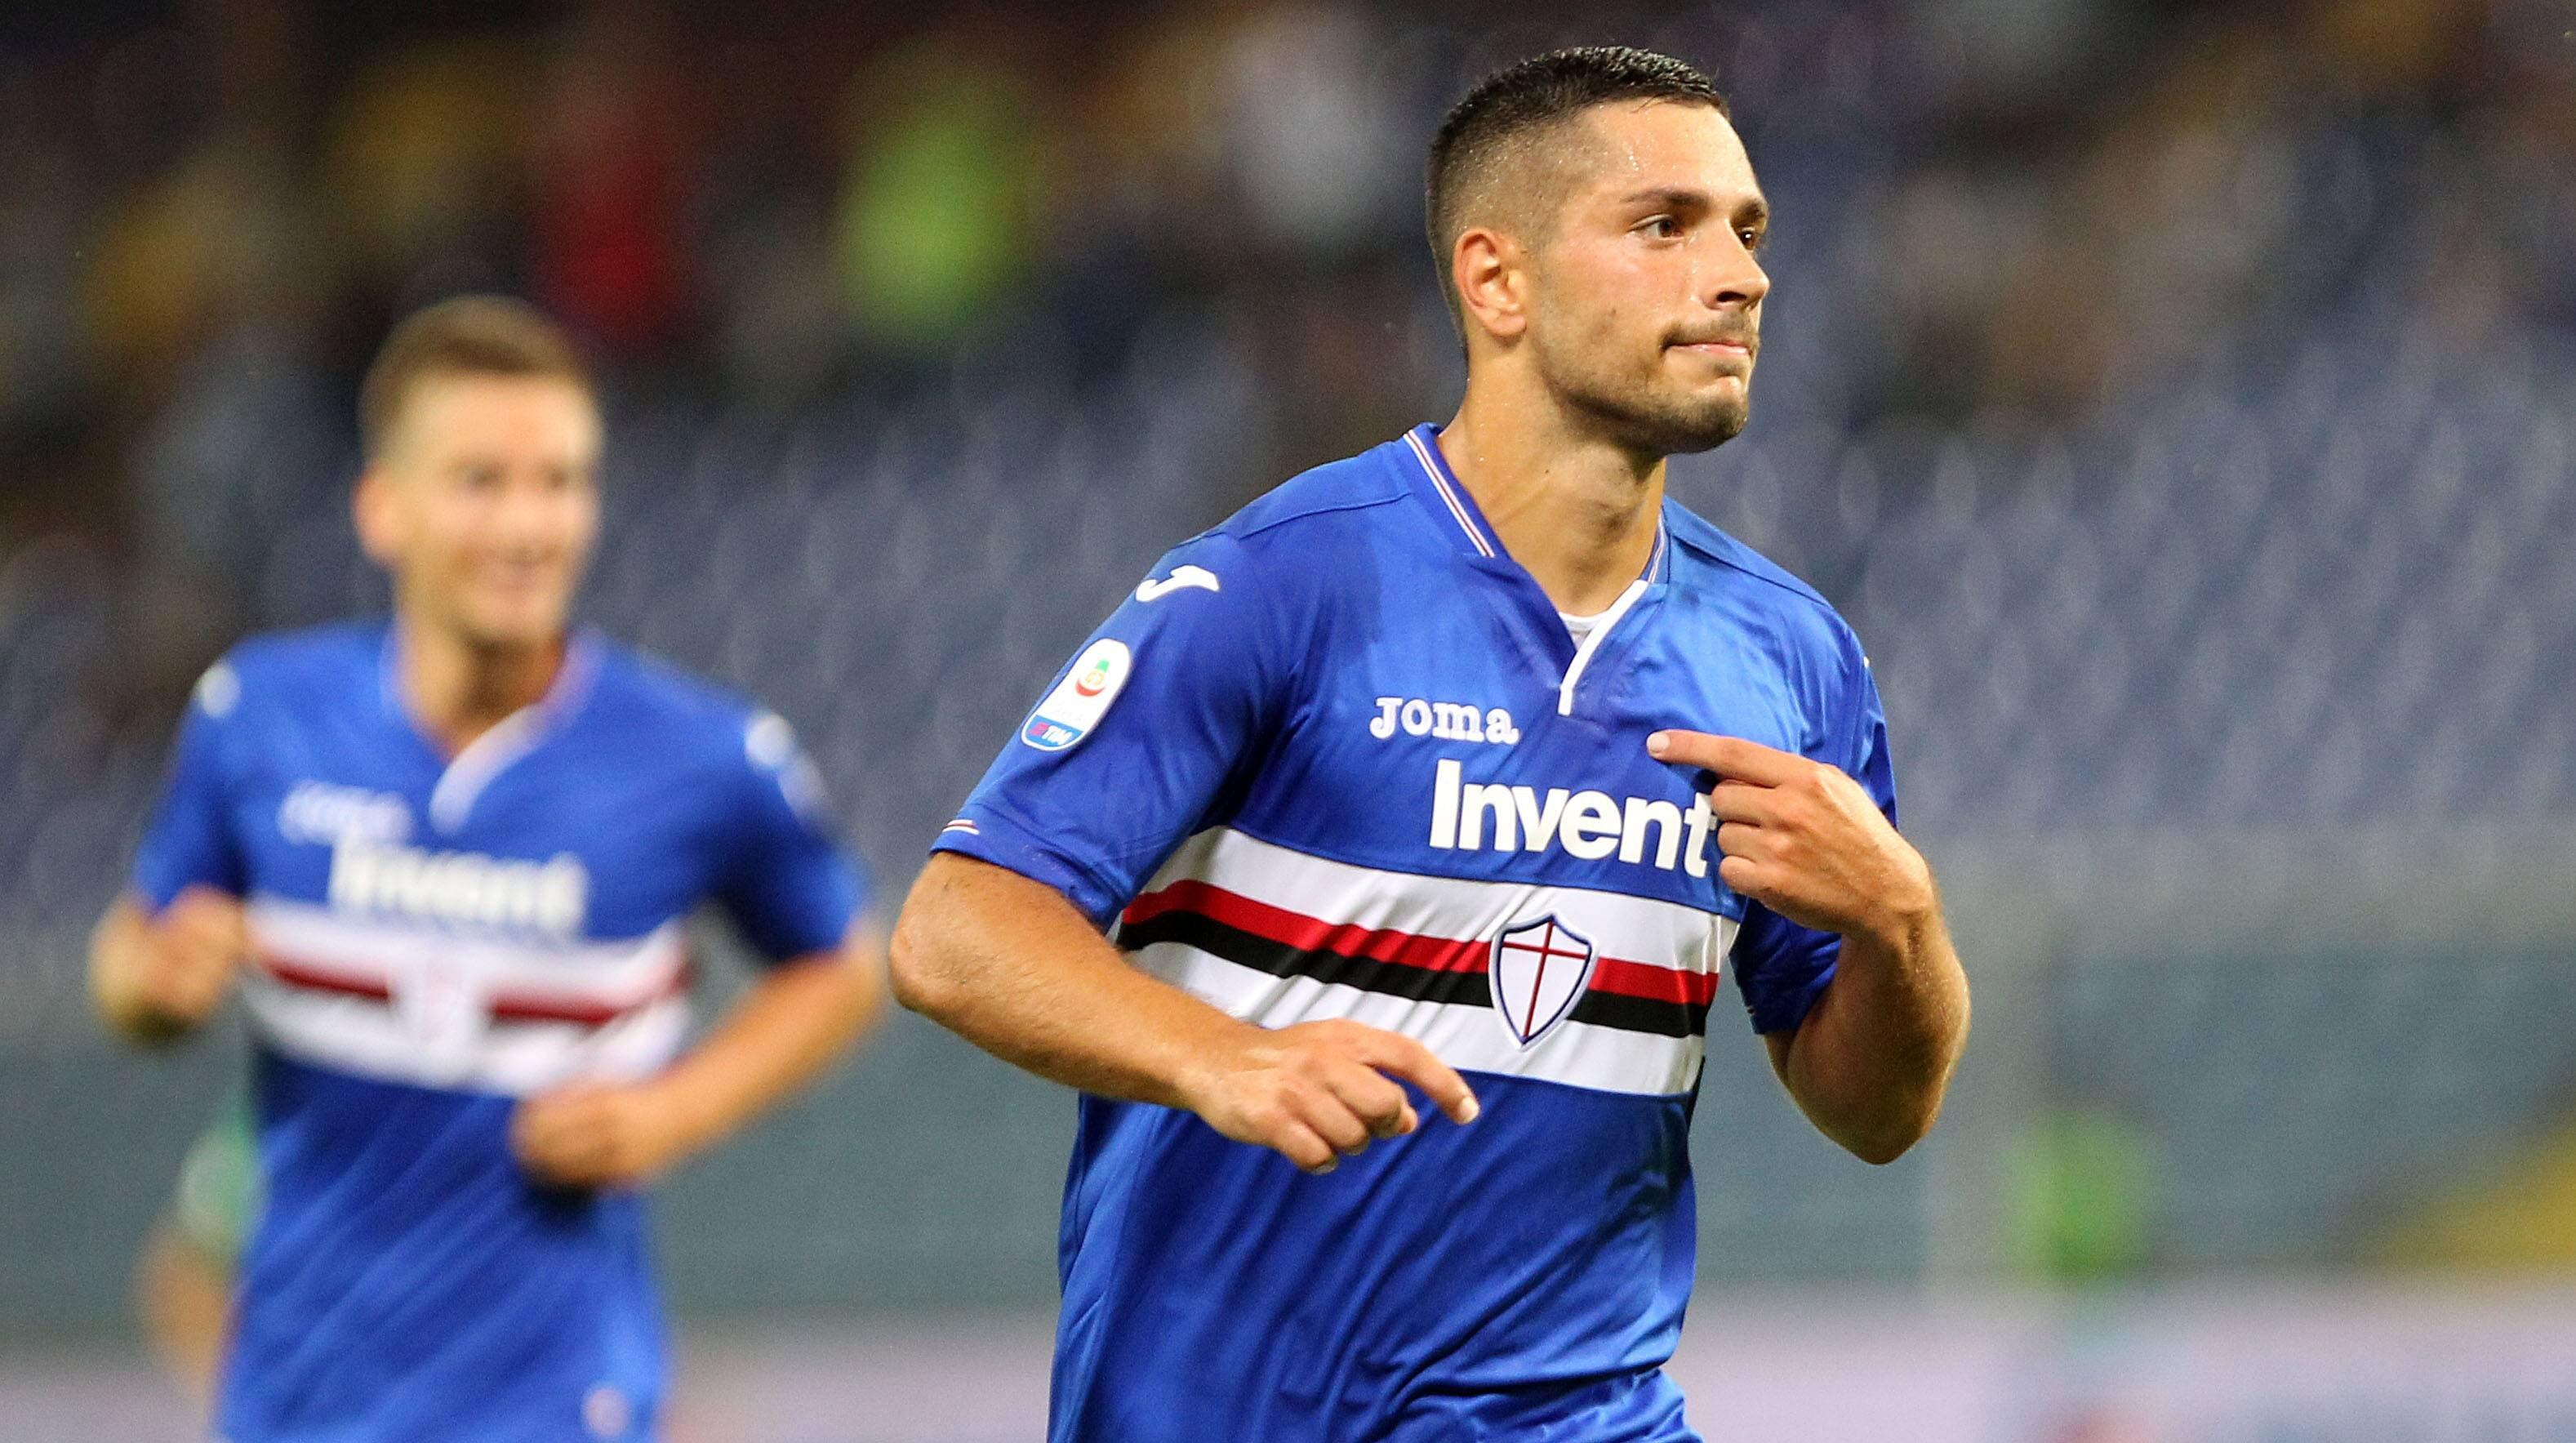 Ufficiale: Caprari ha scelto Parma, cifre e dettagli